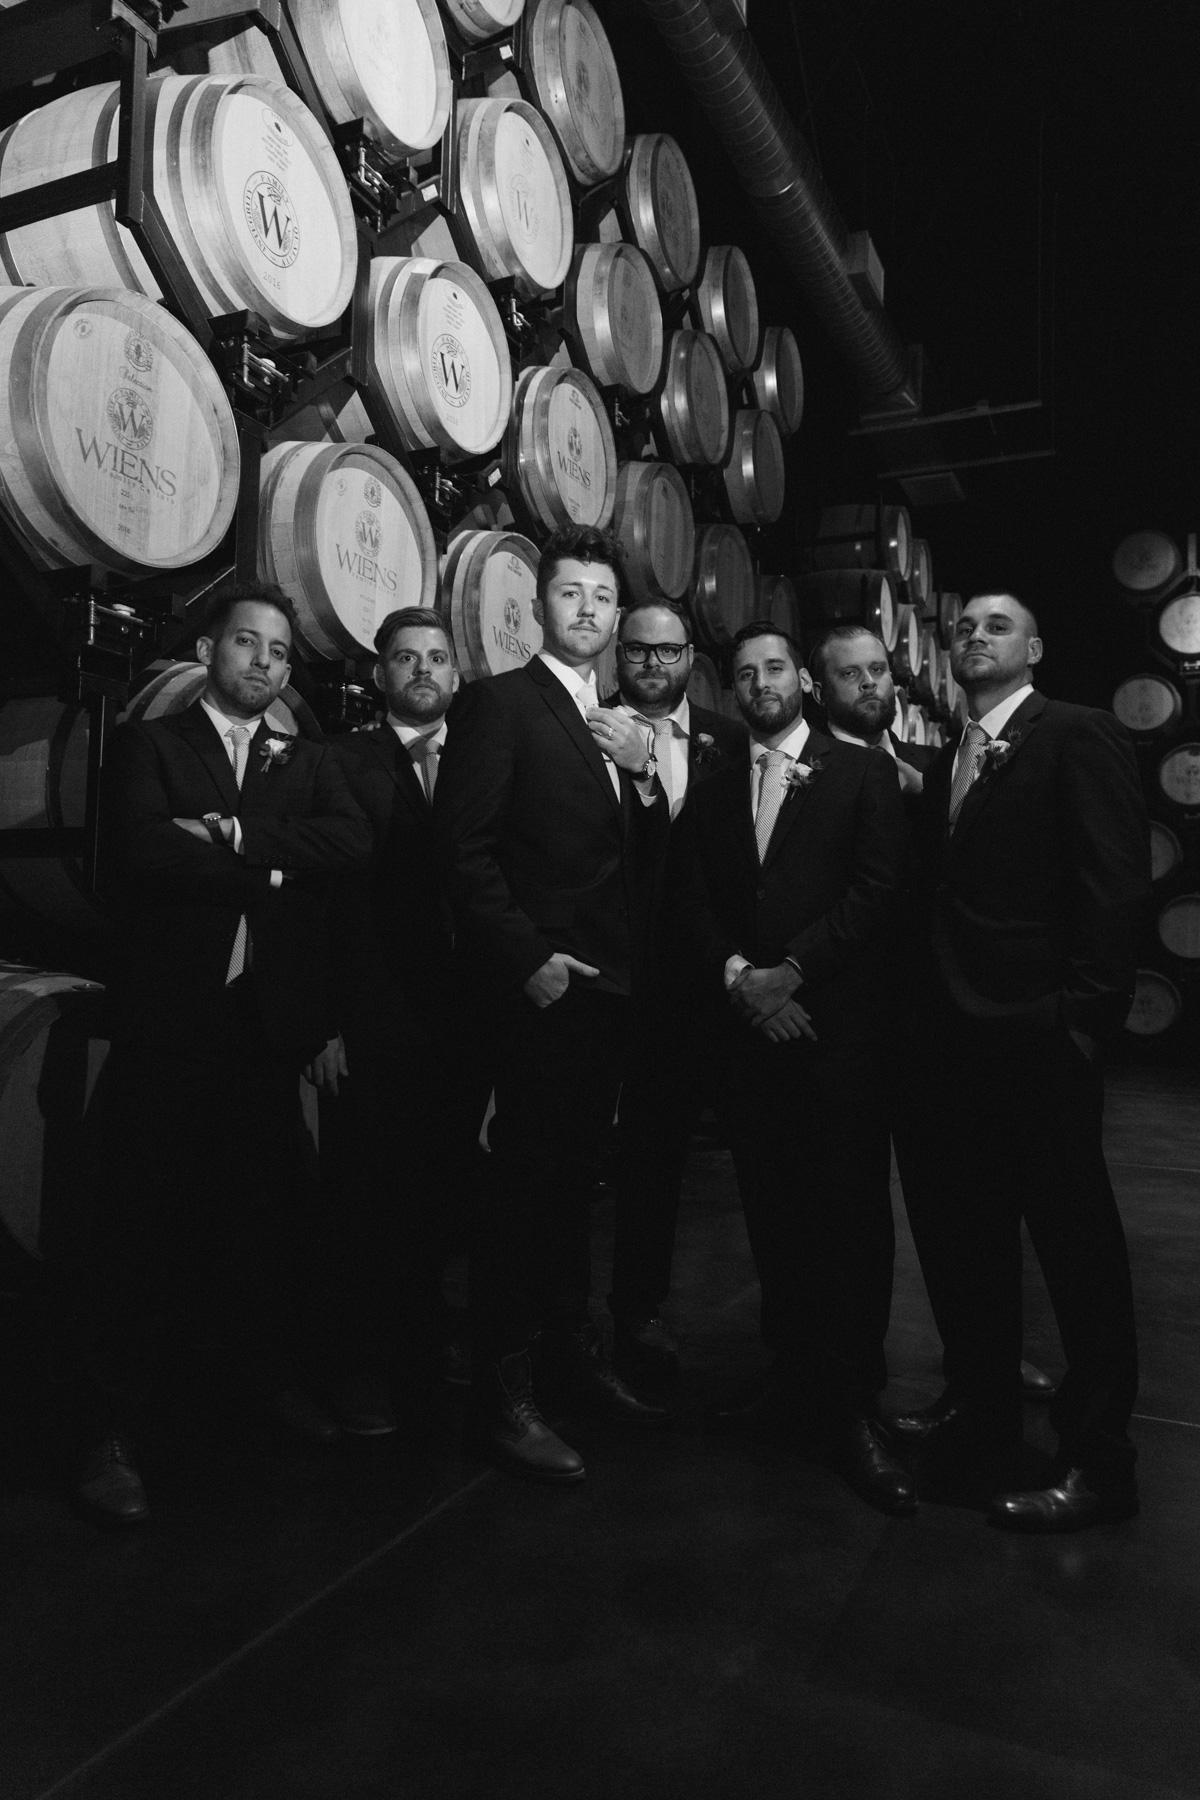 Groom and groomsmen in barrel room at Wiens Family Cellars